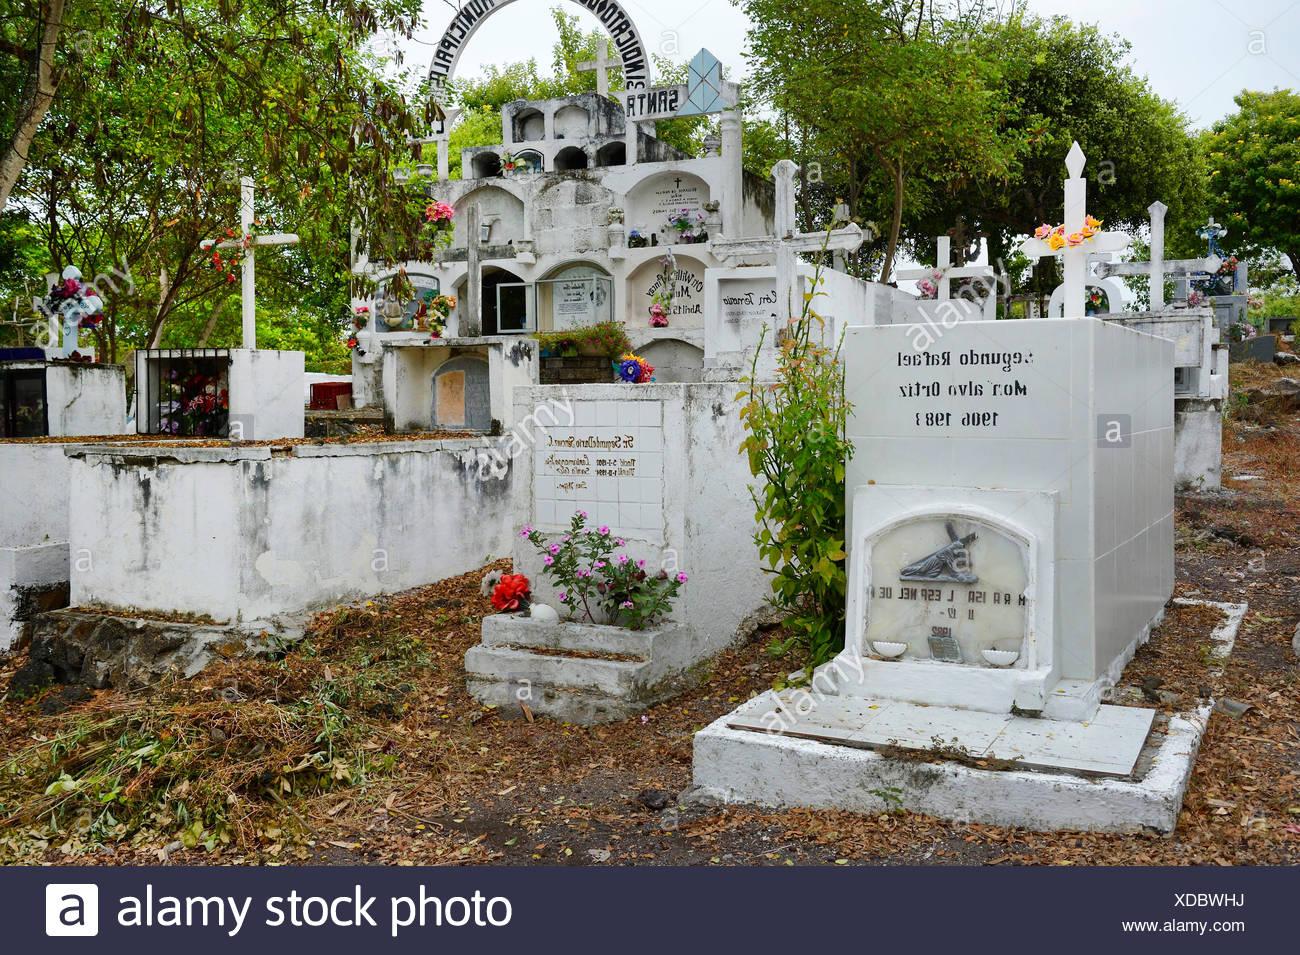 Graeber auf einem landestypischen Friedhof, Ecuador, Galapagos-Inseln, Santa Cruz | graves on a country-specific cemetery, Ecuad - Stock Image